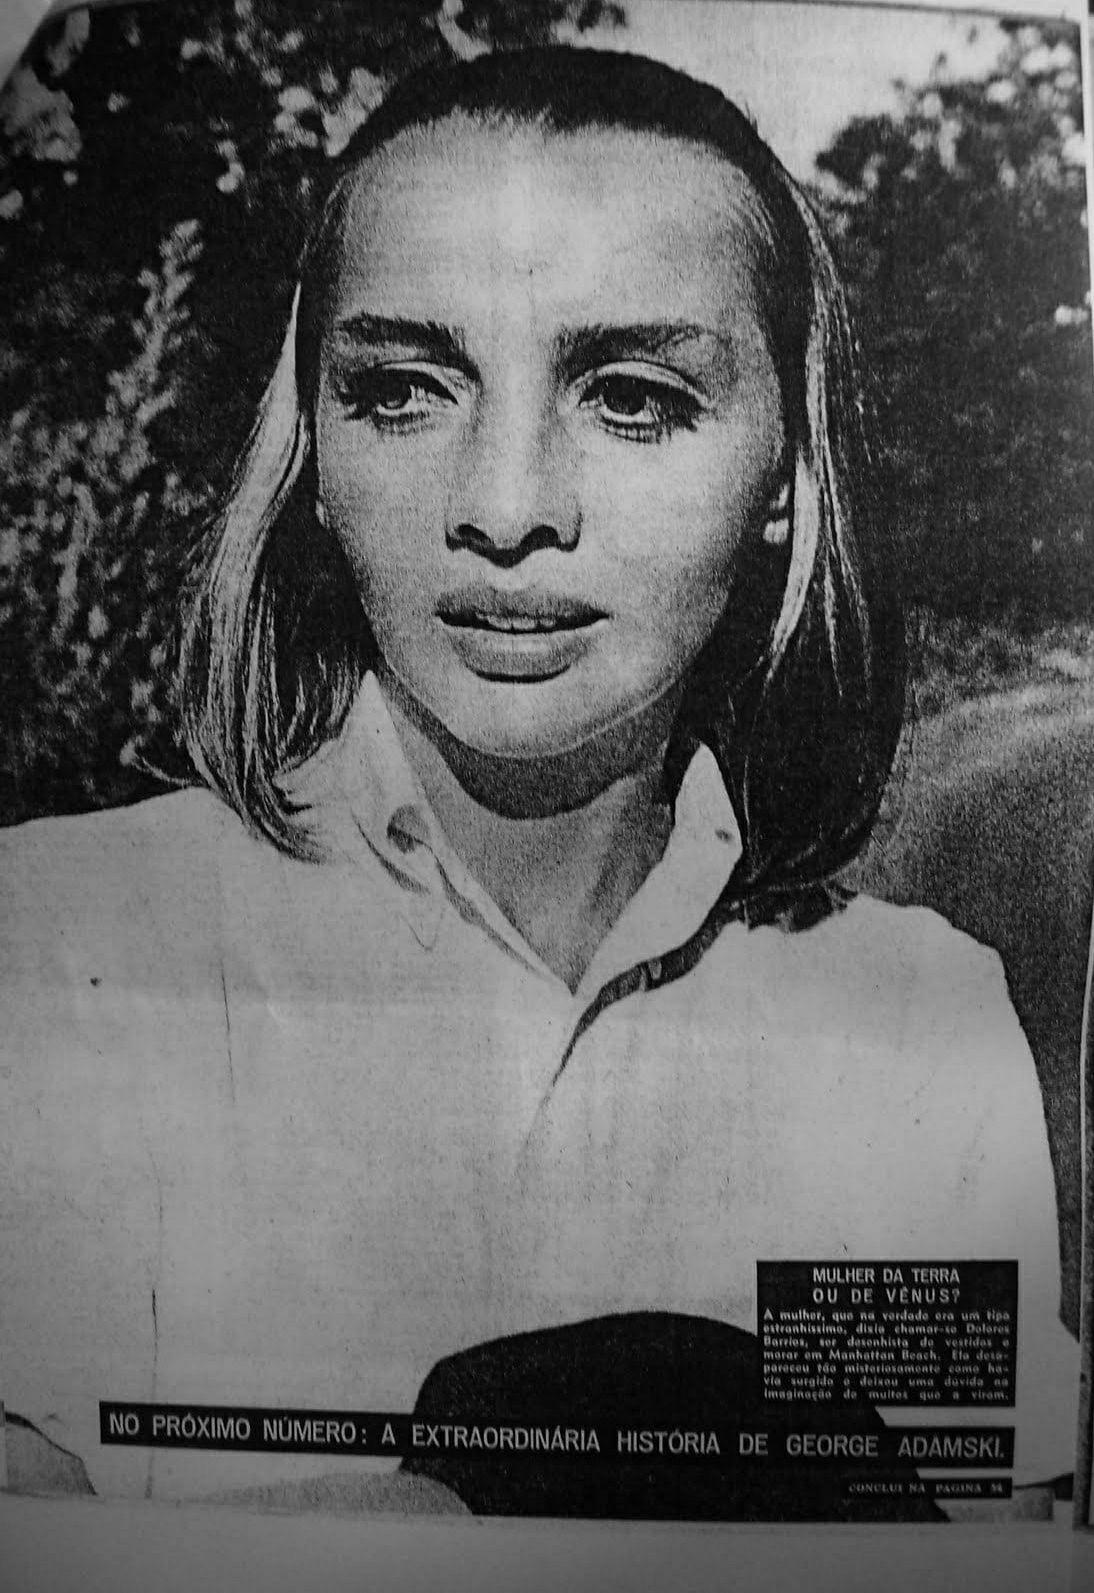 Η γυναίκα περιγράφηκε με περίεργα φυσικά χαρακτηριστικά, προεξέχουσα δομή οστού στο μέσον του μετώπου, που επεκτείνεται στη ρινική μορφή και βαθιά μαύρα μάτια με μεγάλες βλεφαρίδες.